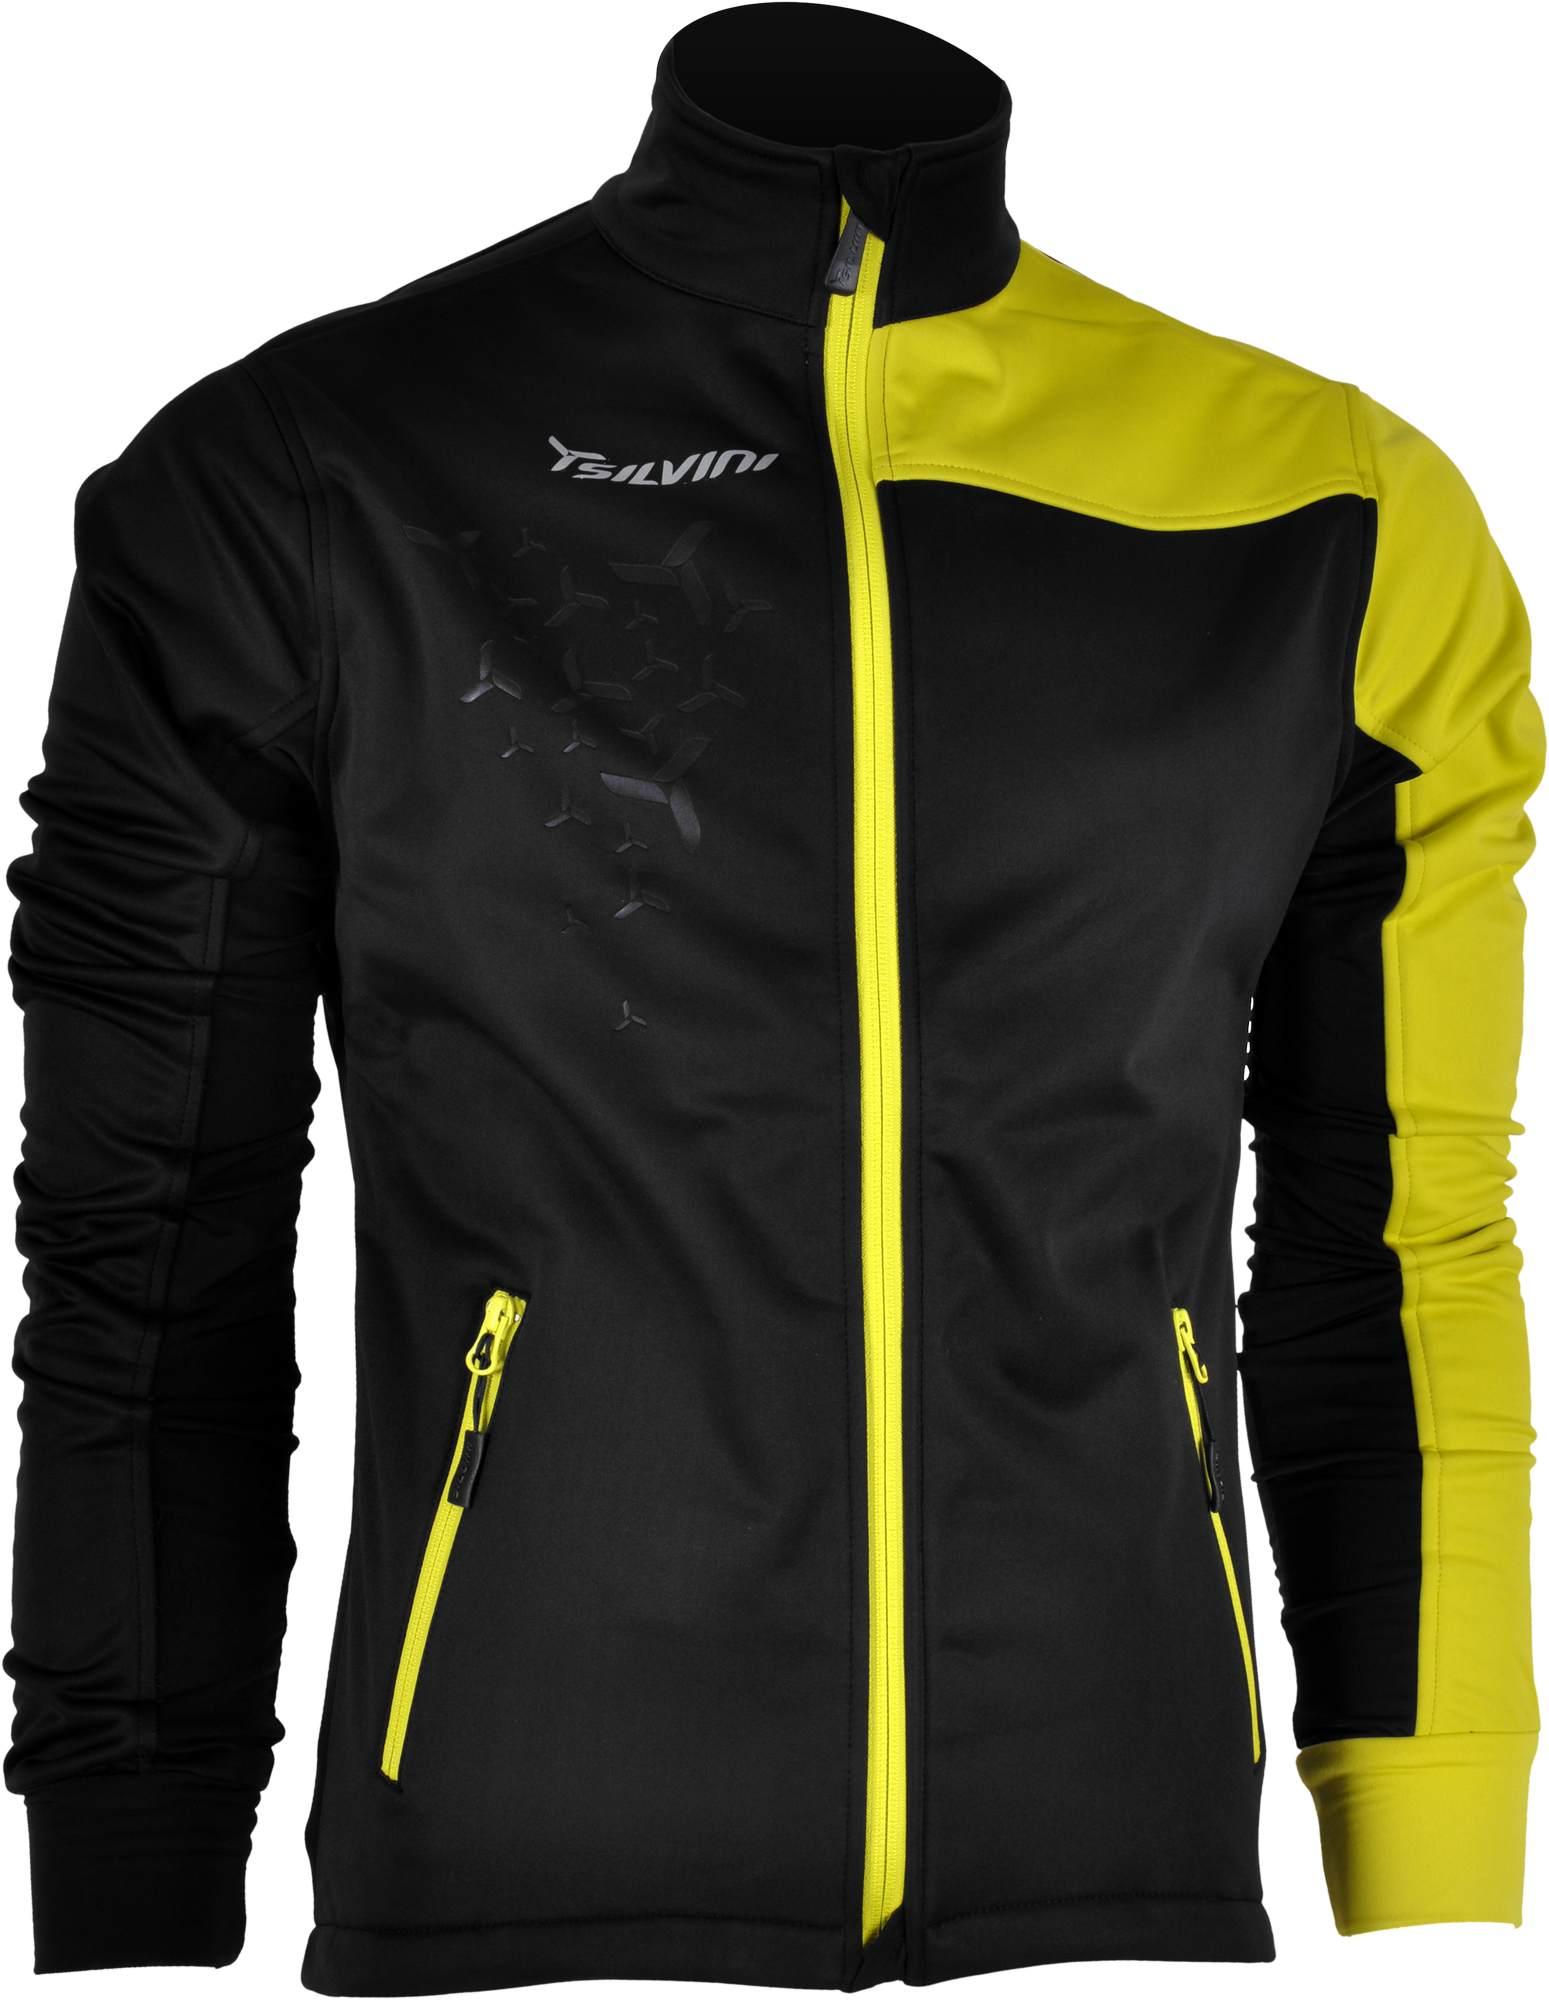 Kurtka na narty biegowe mMęska kurtka softshell SILVINI MEZZO MJ430 kolor czarno-żółta